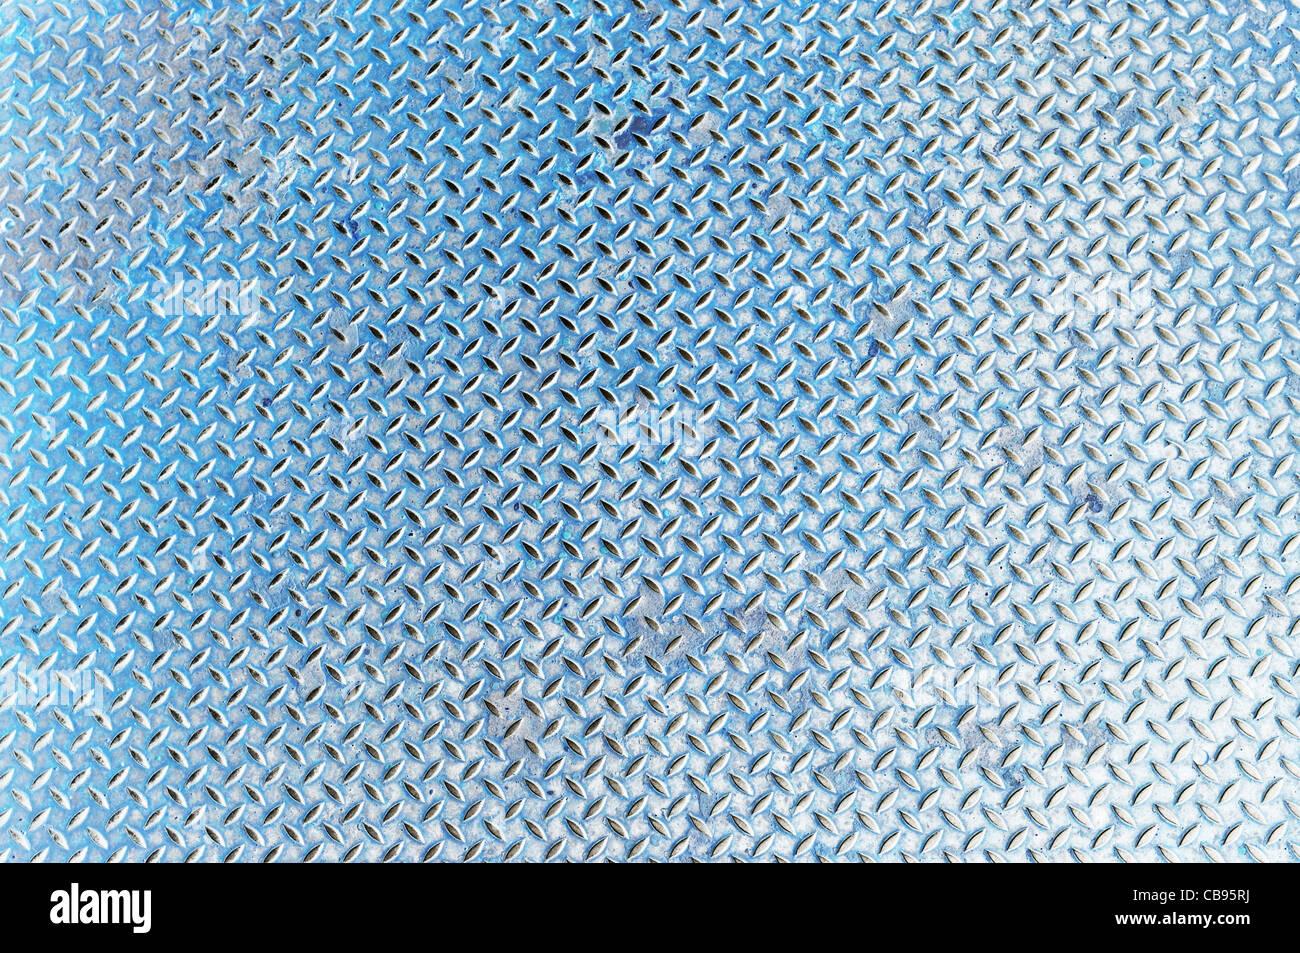 Strukturierten metallischen Hintergrund Stockbild